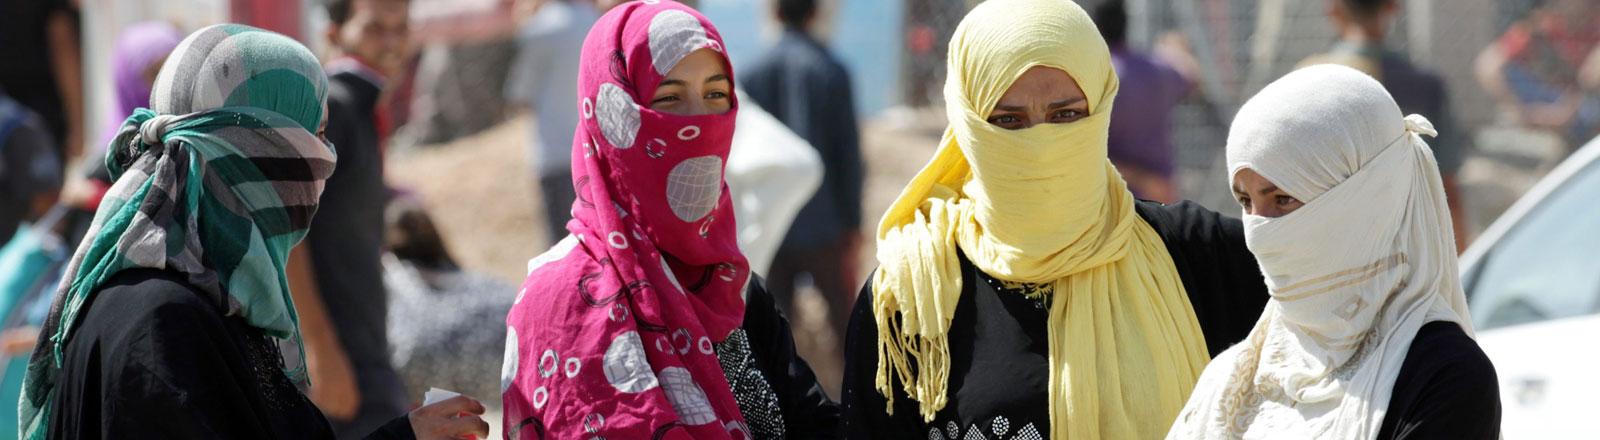 Frauen in einem Flüchtlingslager im Norden des Irak.